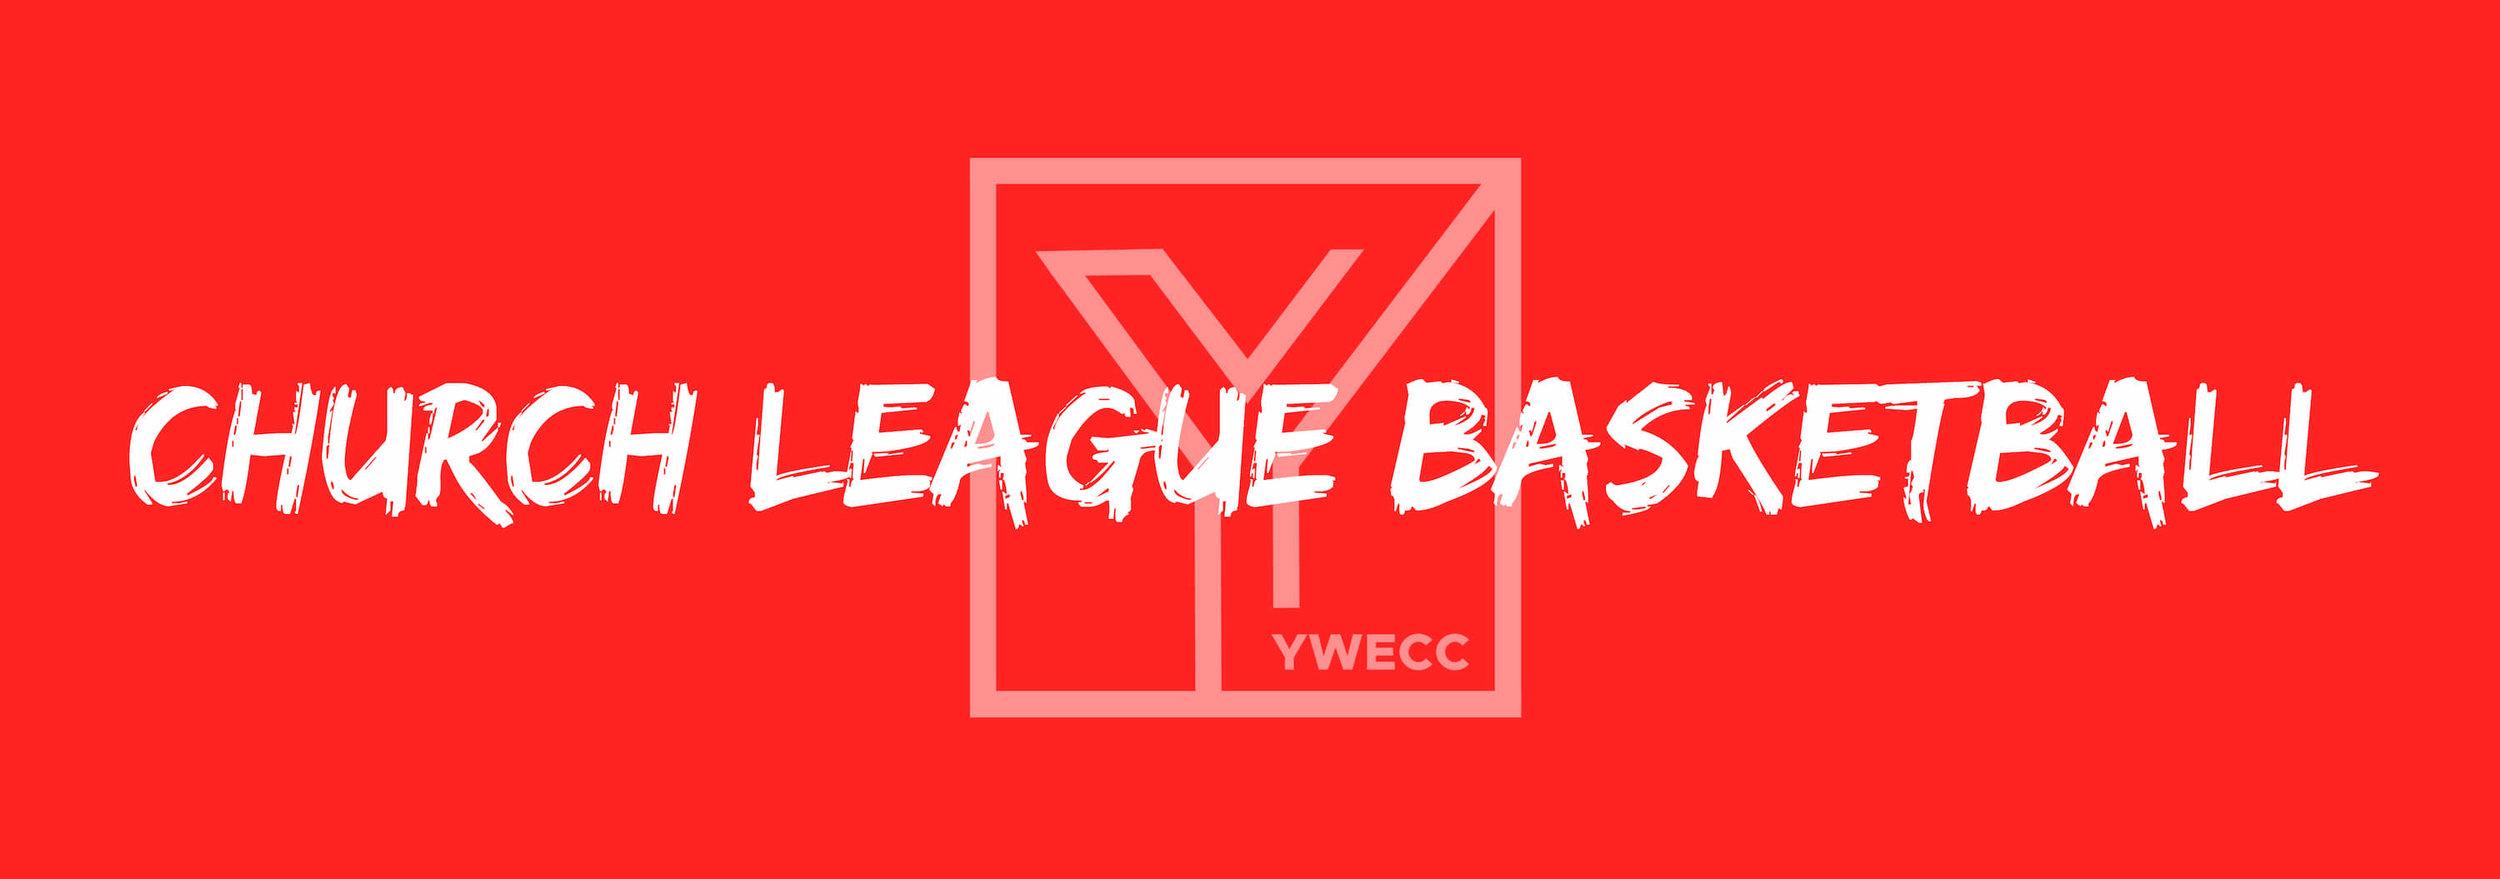 Church League Basketball (banner) (1).jpg